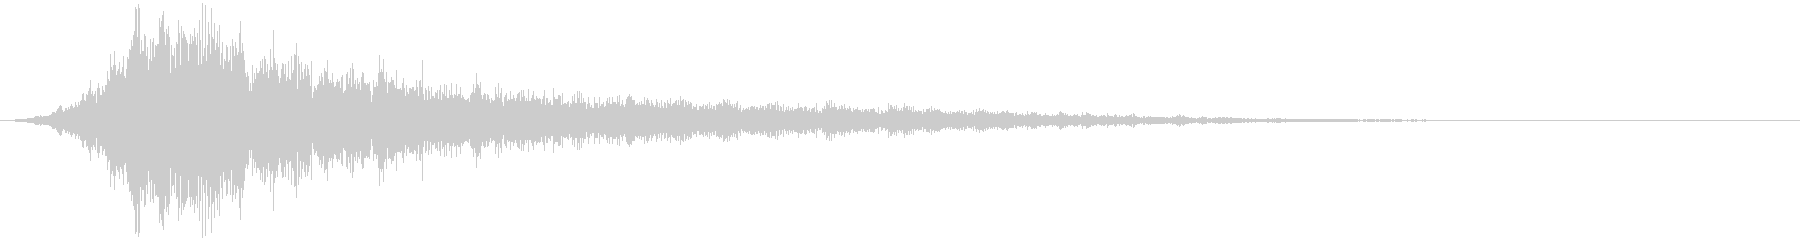 ホワワーン(サウンドロゴ、決定)の未再生の波形